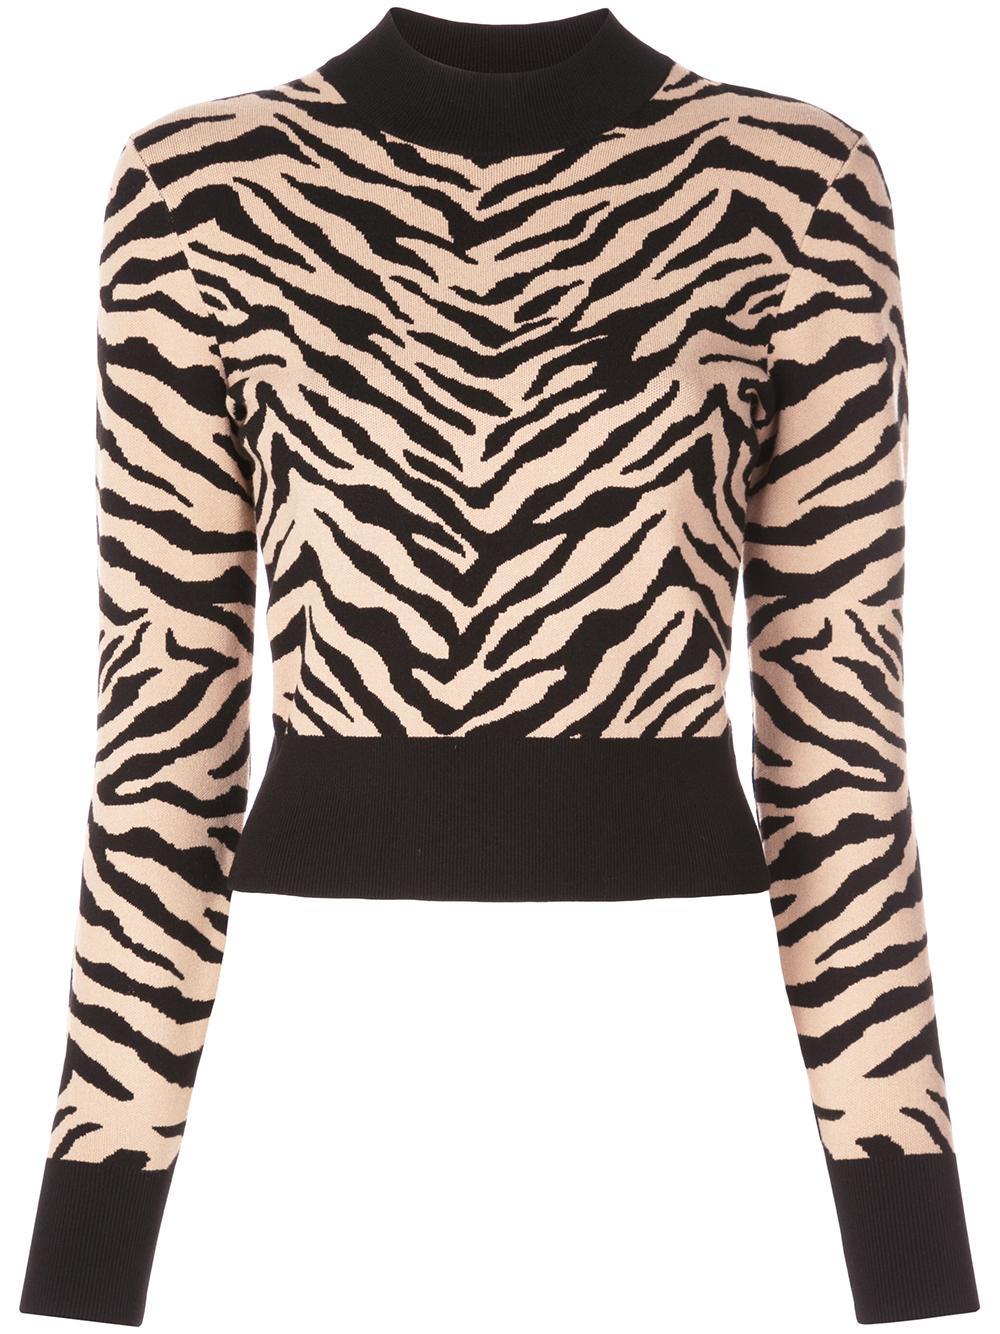 Lola Tiger Print Mock Neck Sweater Item # 7SWPO00426